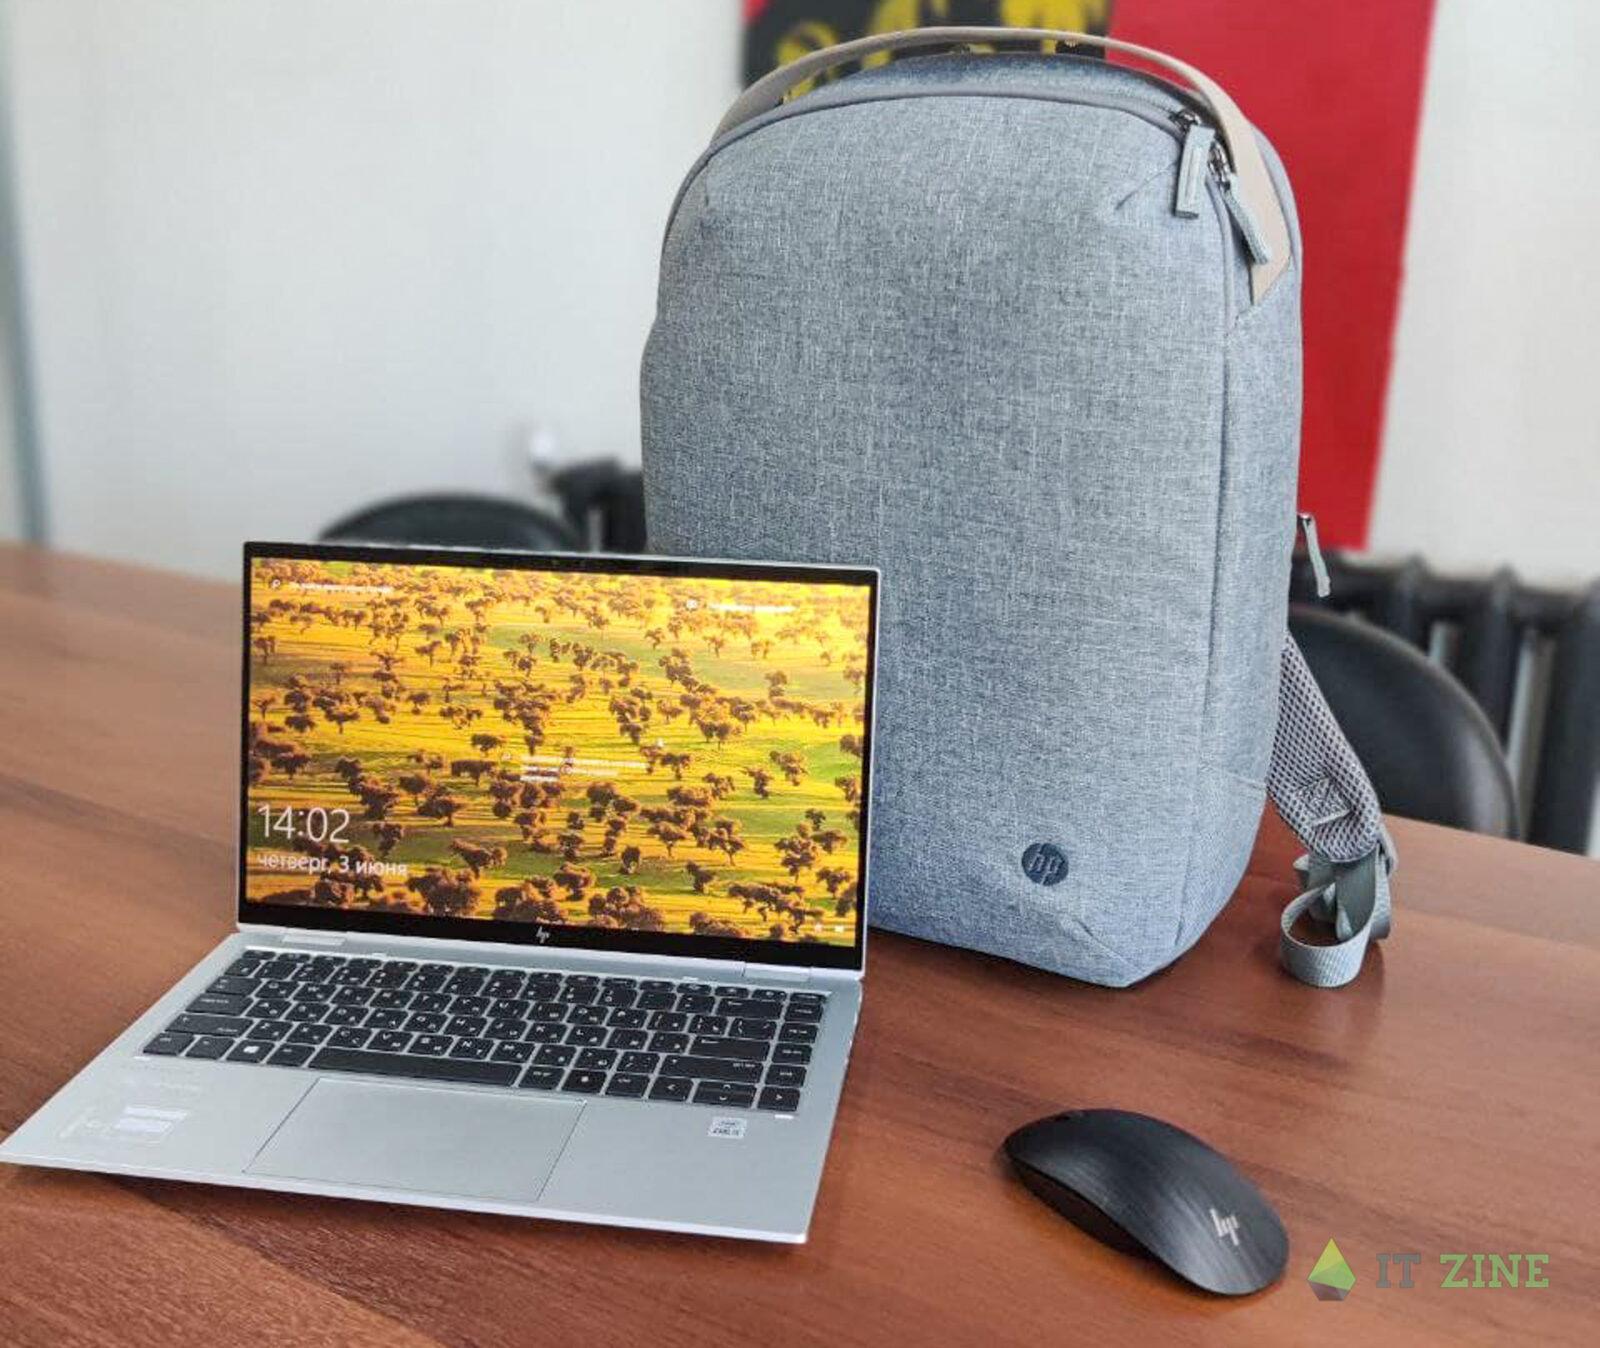 Обзор ноутбука HP EliteBook x360 1040 G7: трансформер для работы и развлечений (hp elitebook 1040 g7 09)